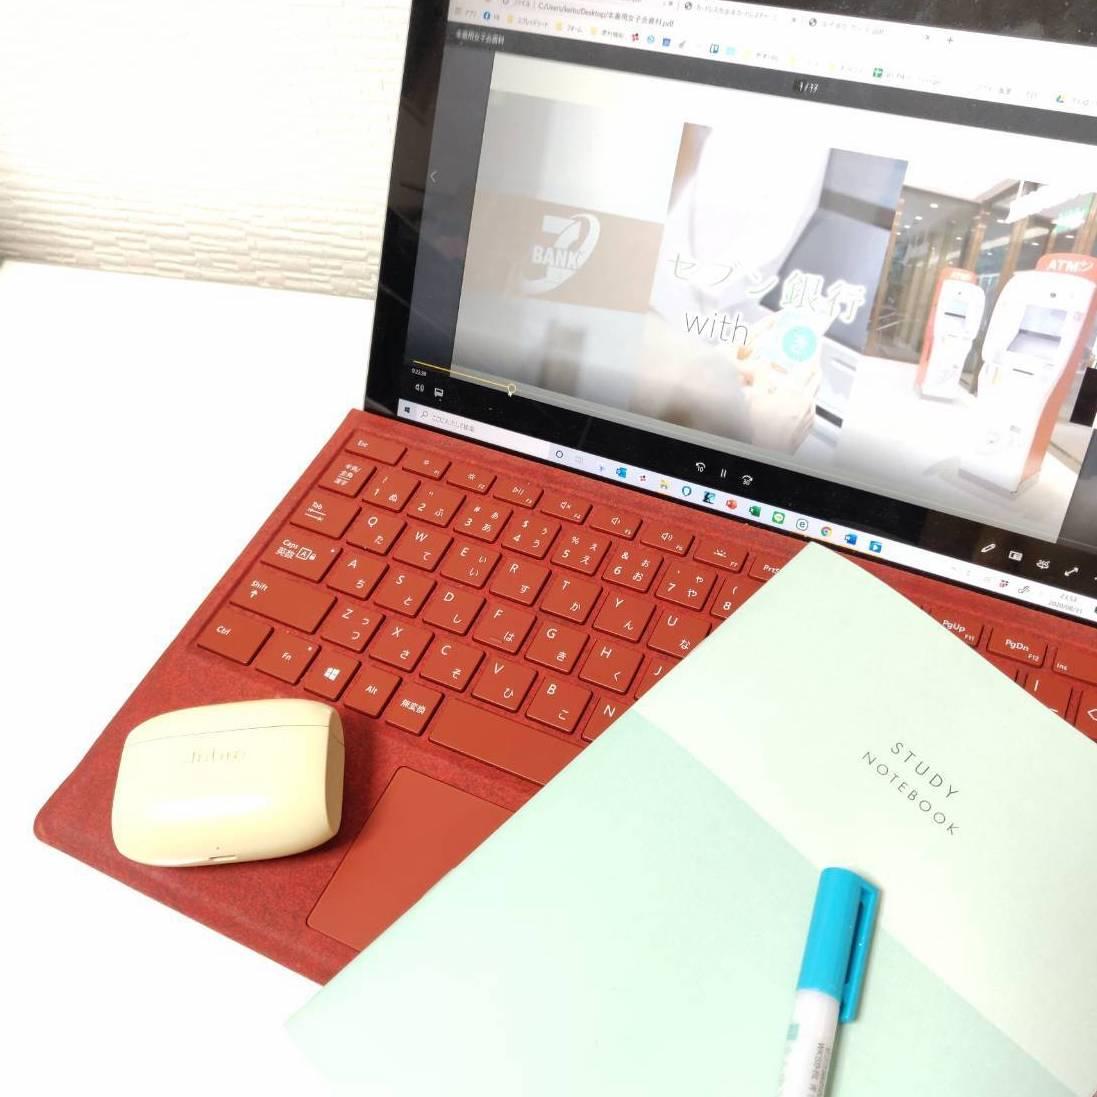 【withセブン銀行】お財布から解放!? キャッシュレス・カードレスについて学びました♪